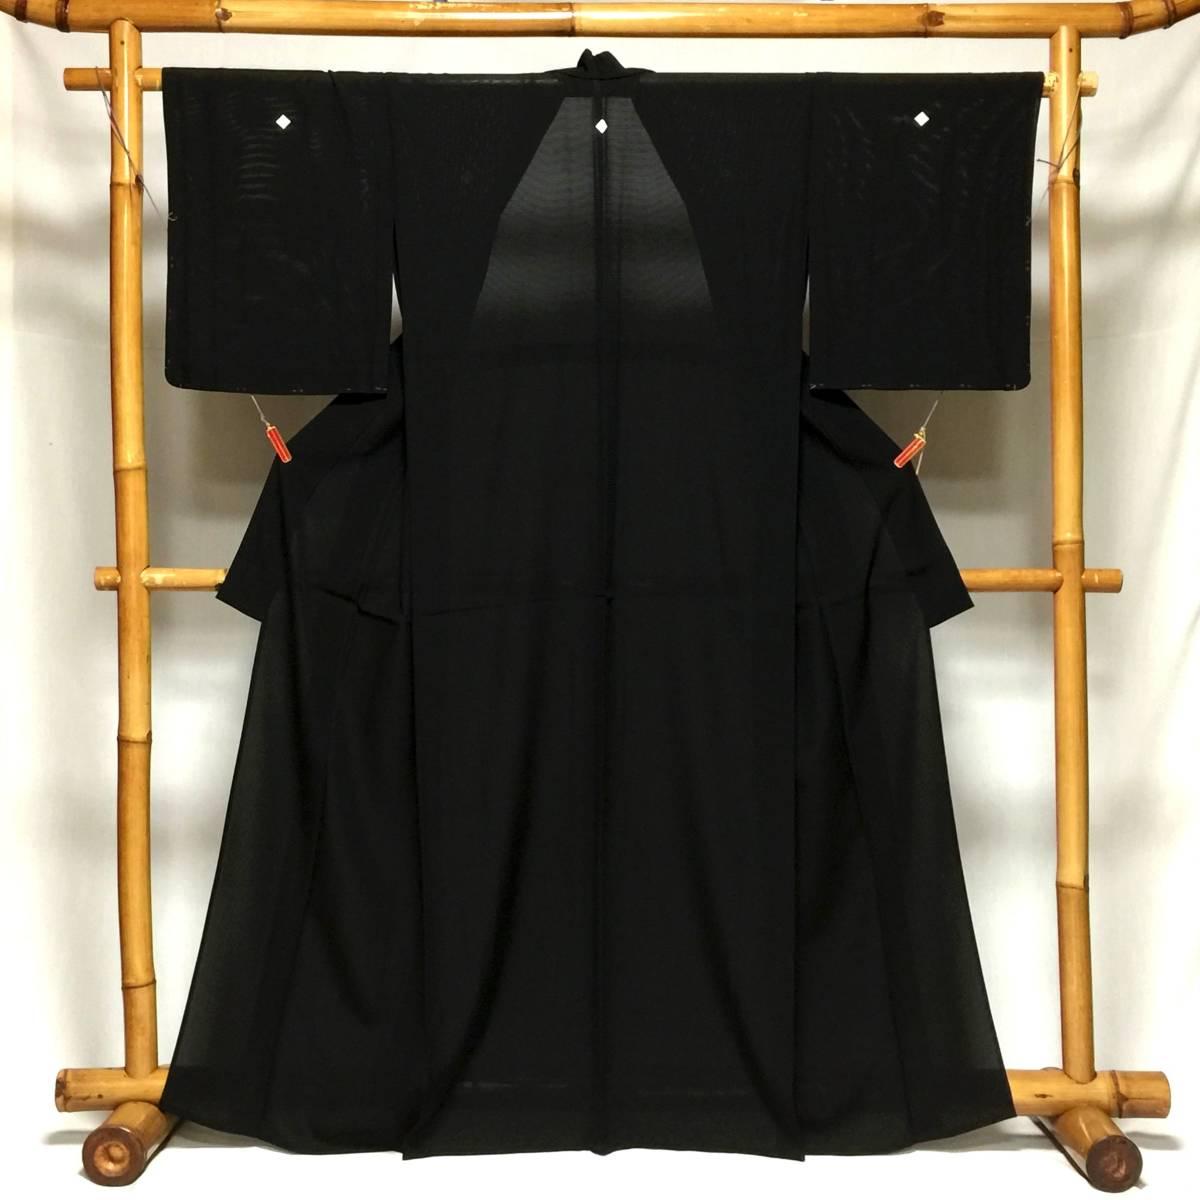 夏用 黒喪服 正絹 絽 Mサイズ 前巾広め 身丈161.5 裄65 未着用美品 家庭保存_画像1